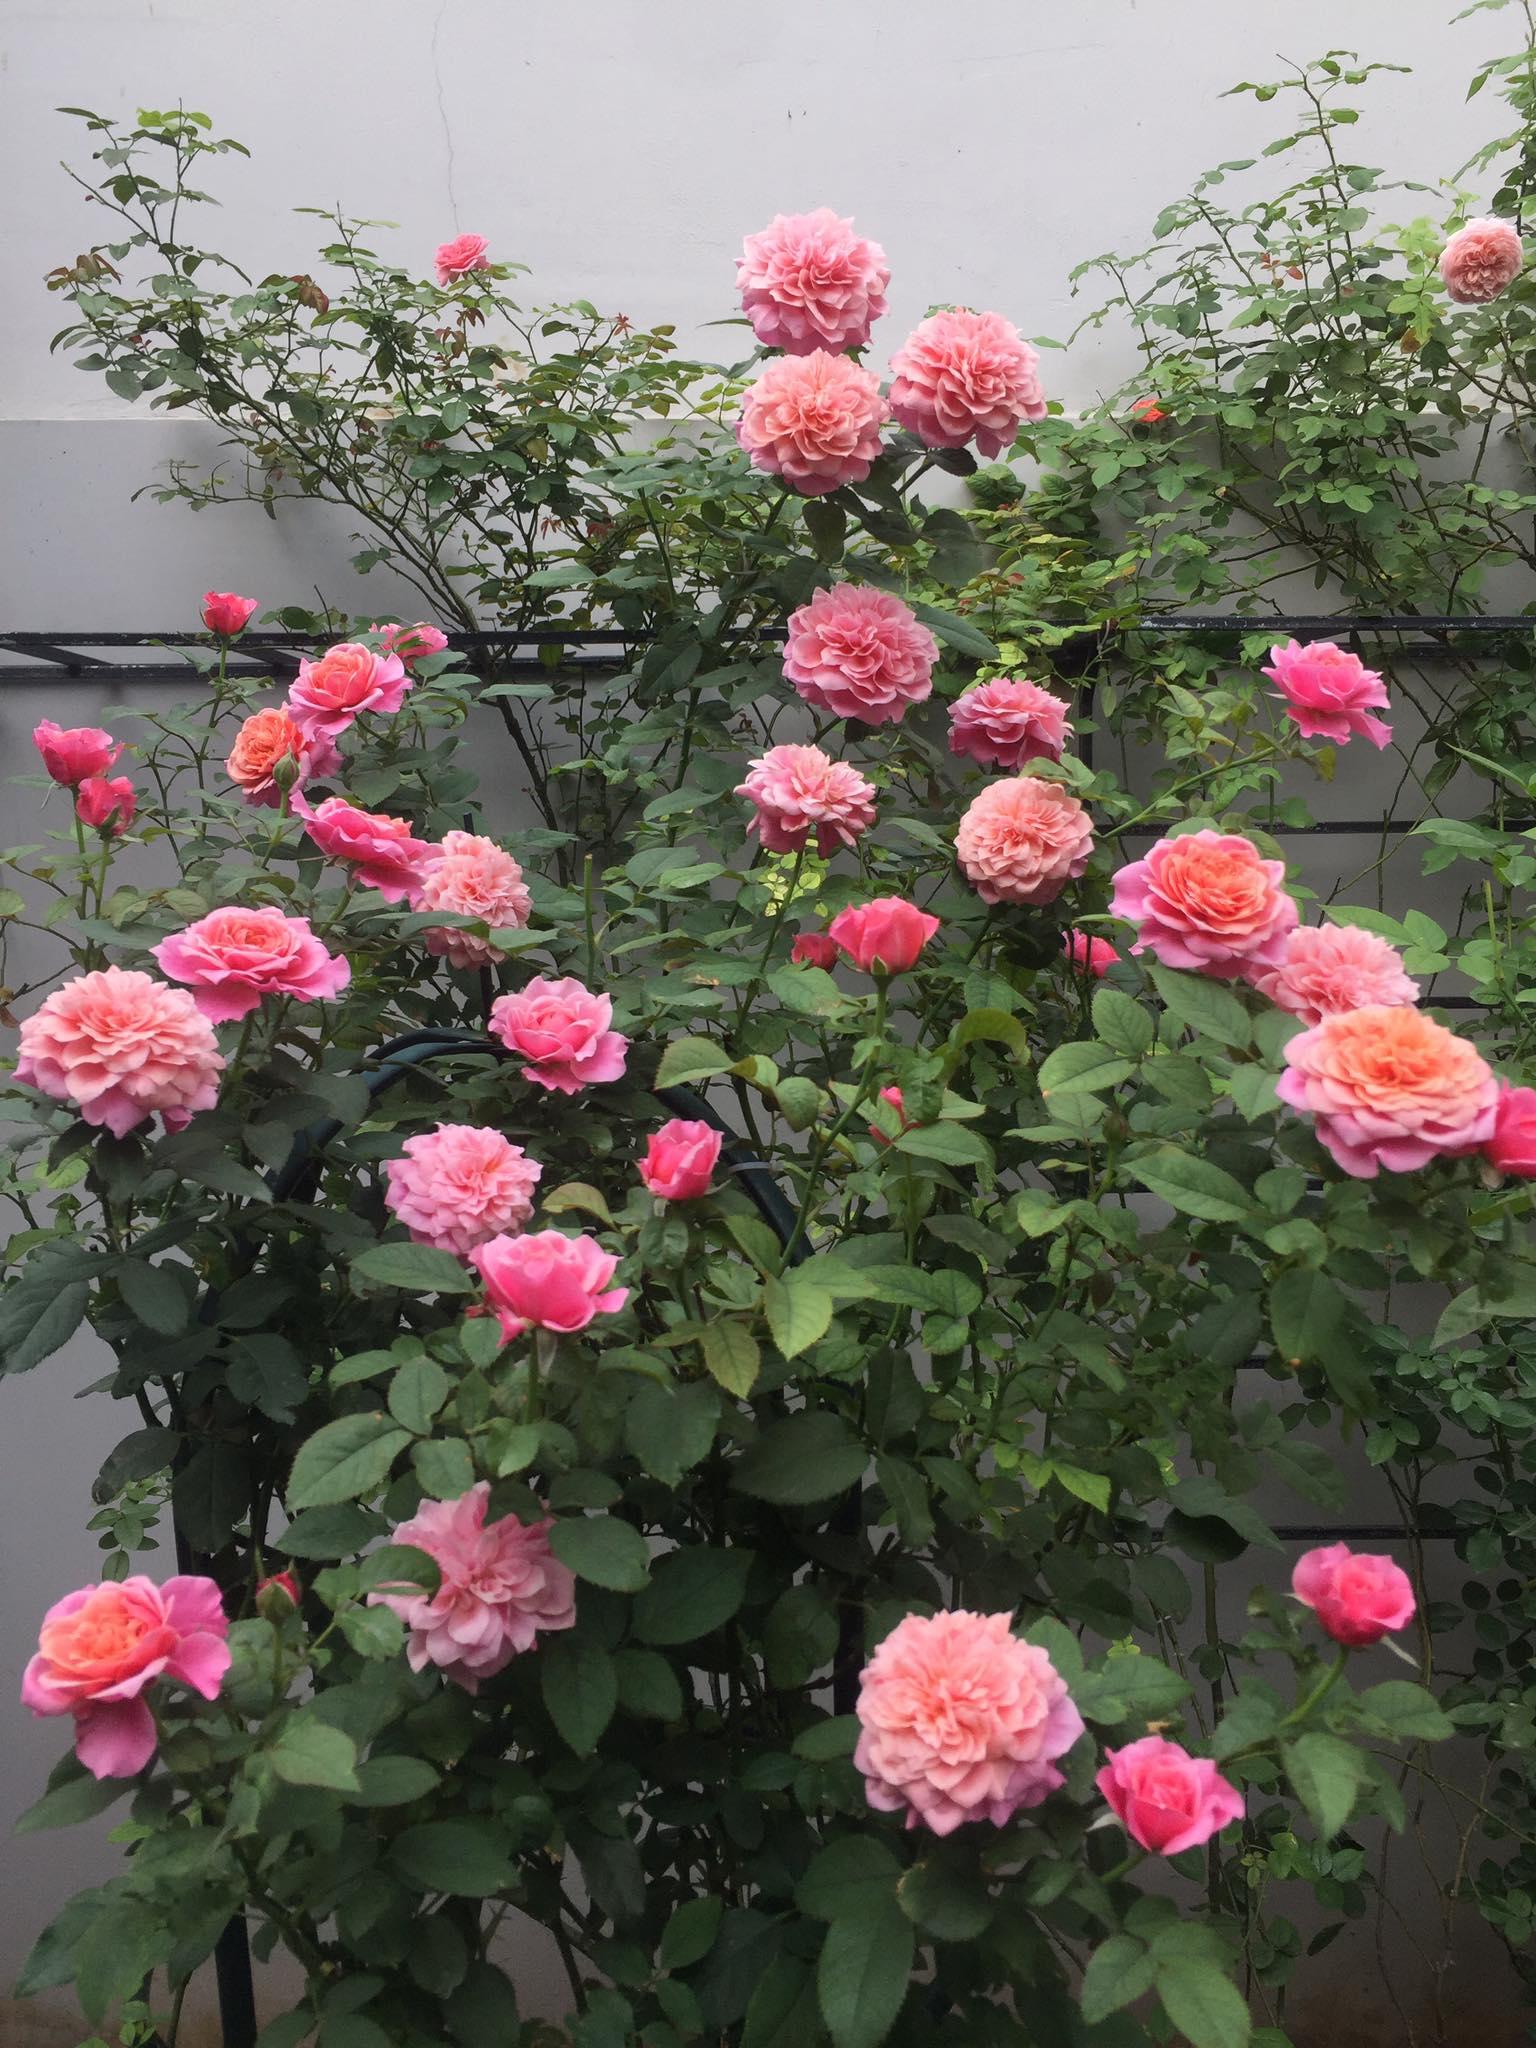 Vườn hồng rực rỡ tỏa sắc hương trước sân nhà đón hè sang của cặp vợ chồng trẻ Sải Gòn - Ảnh 13.